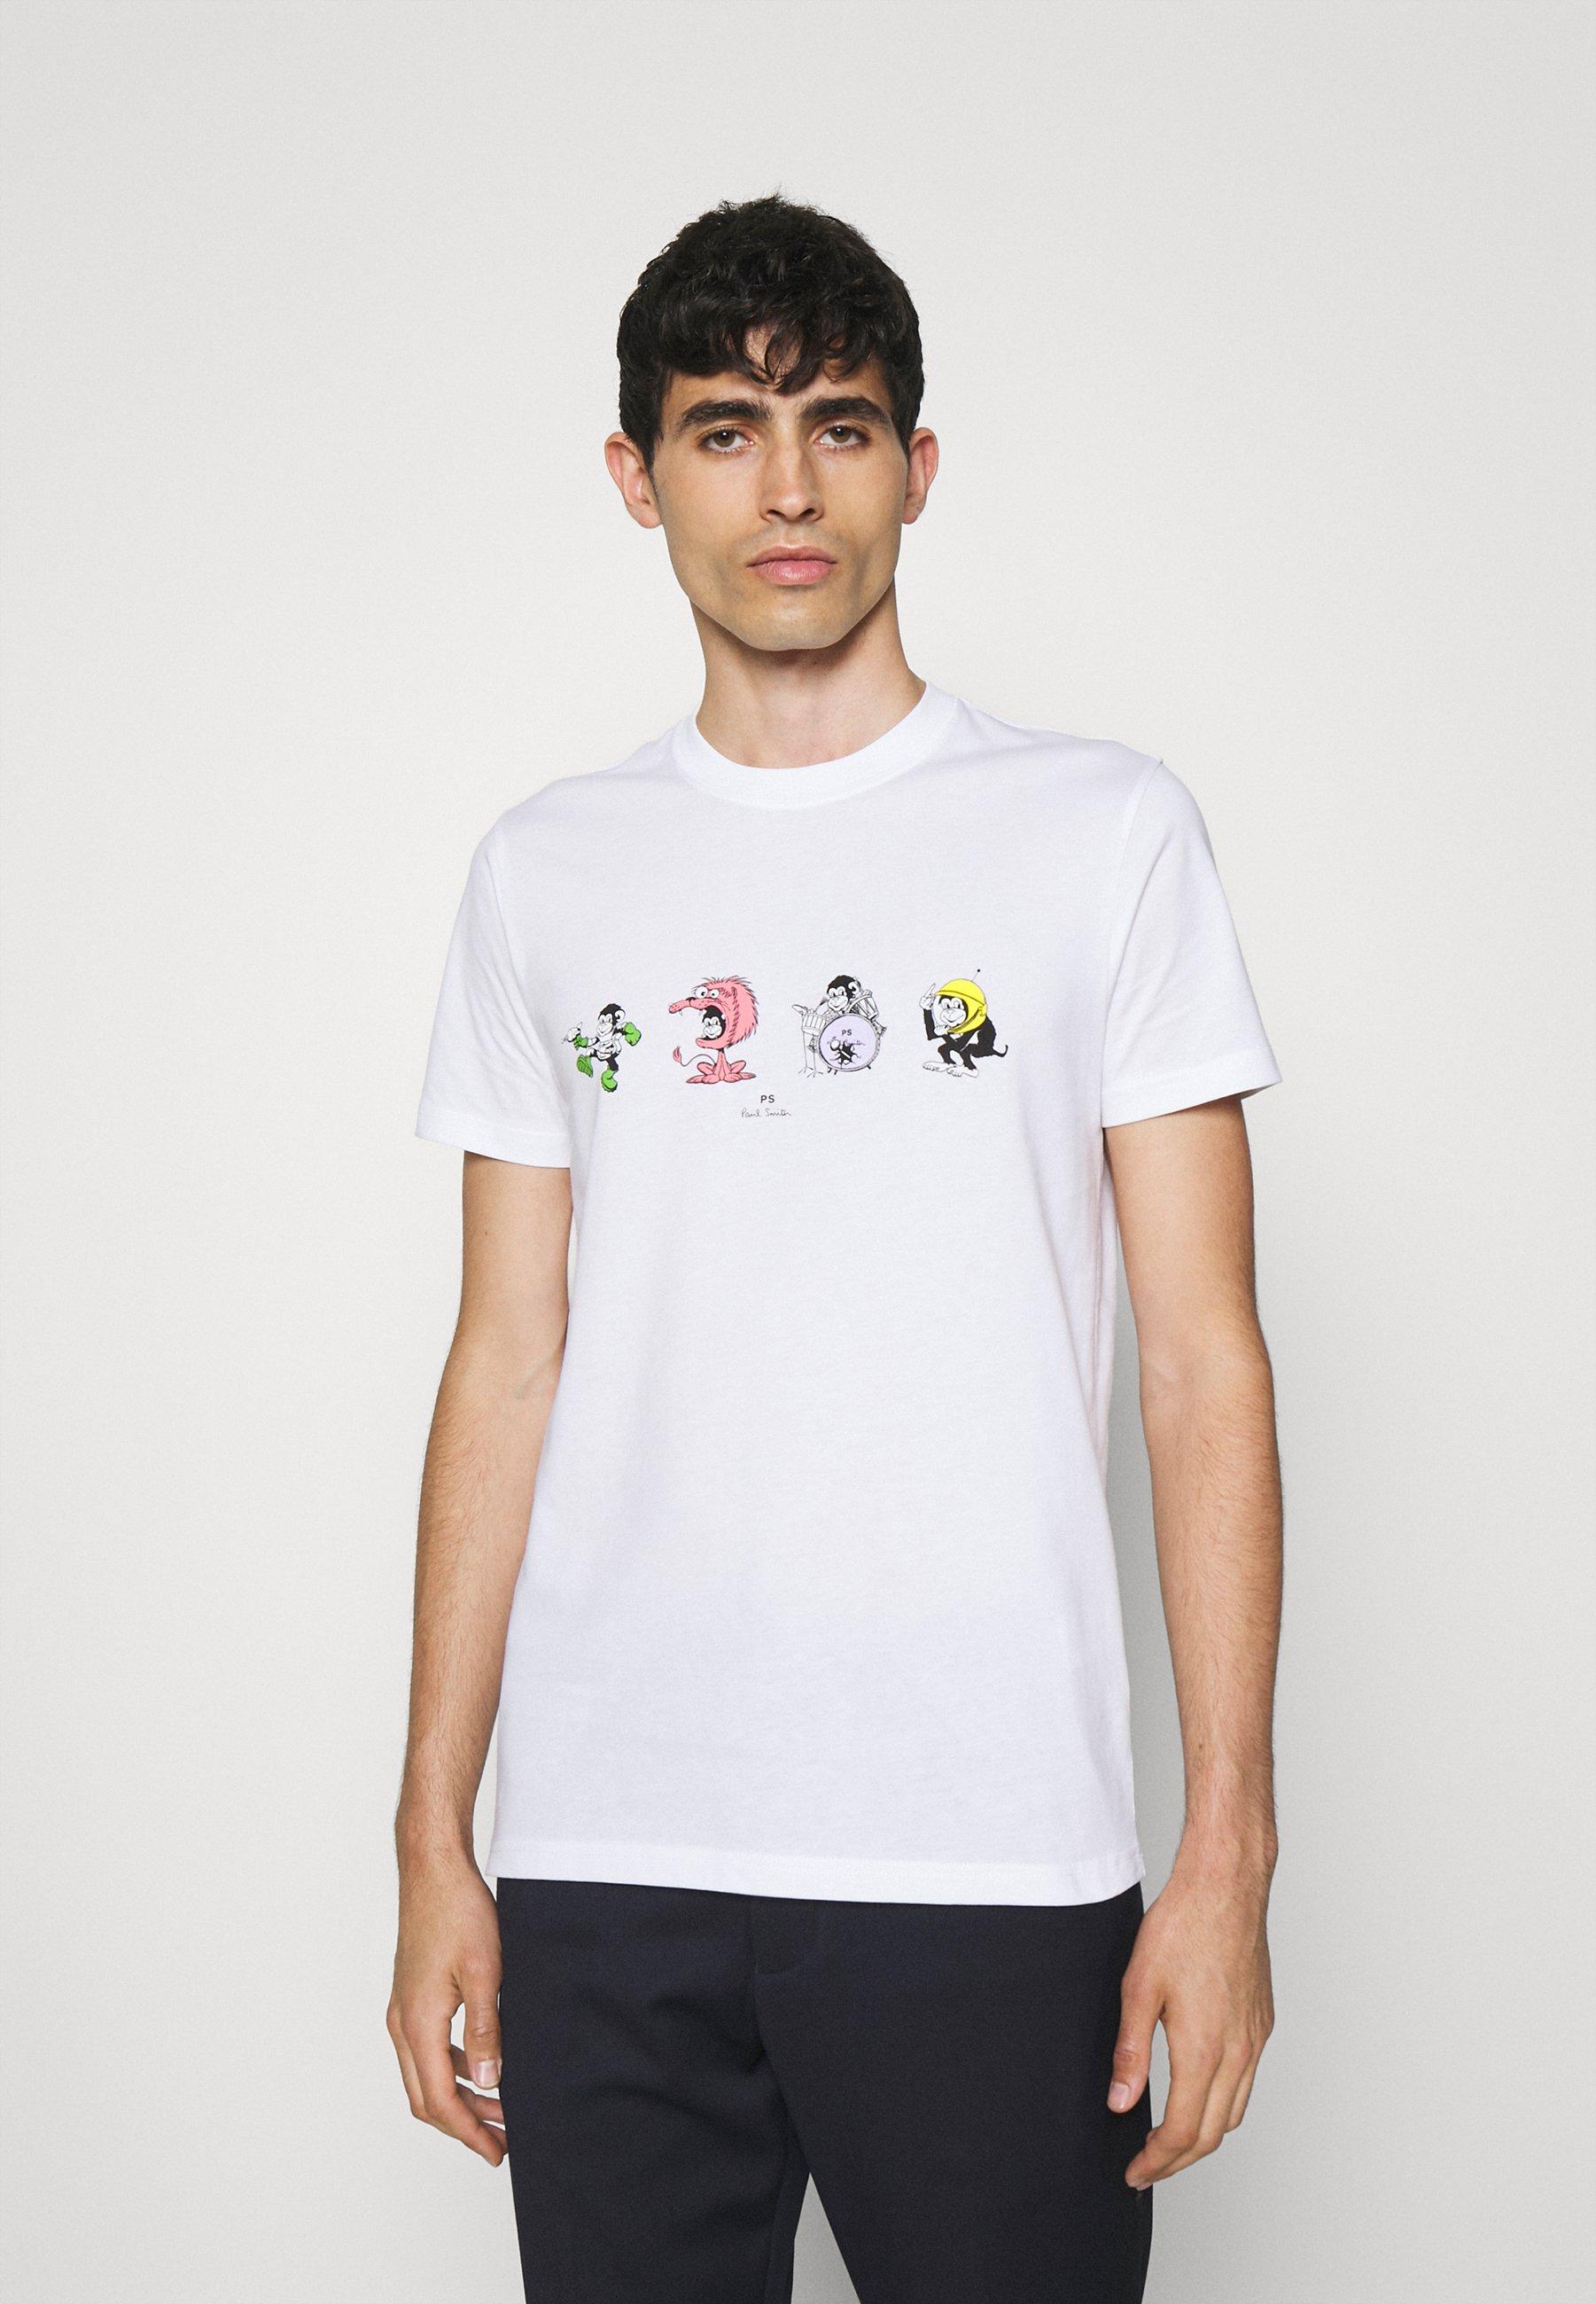 Homme SLIM FIT 4 MONKIES - T-shirt imprimé